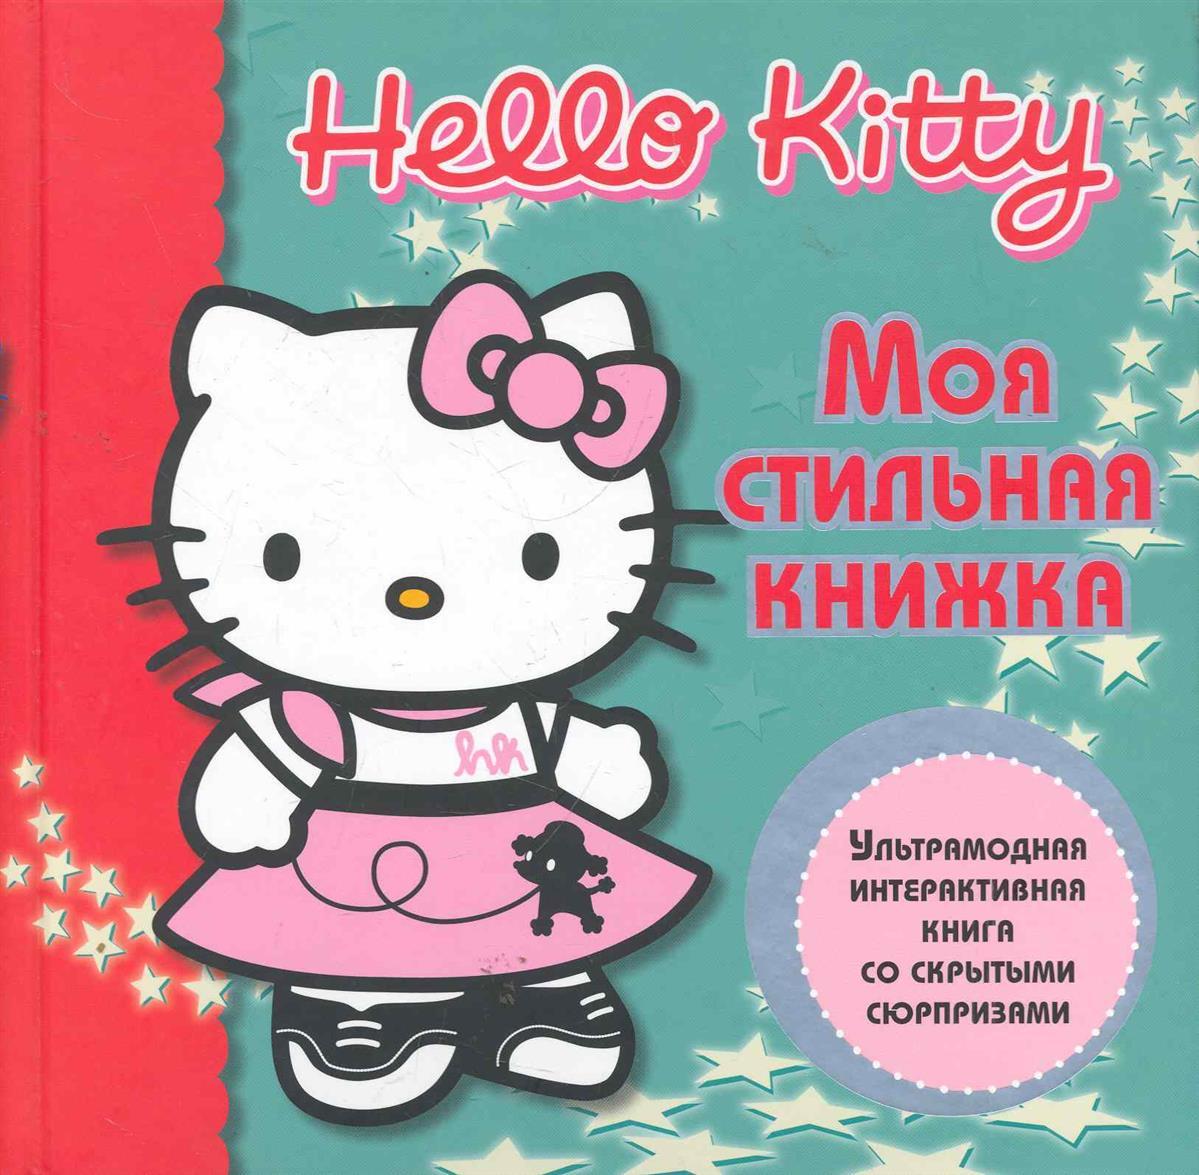 Хелло Китти Моя стильная книжка